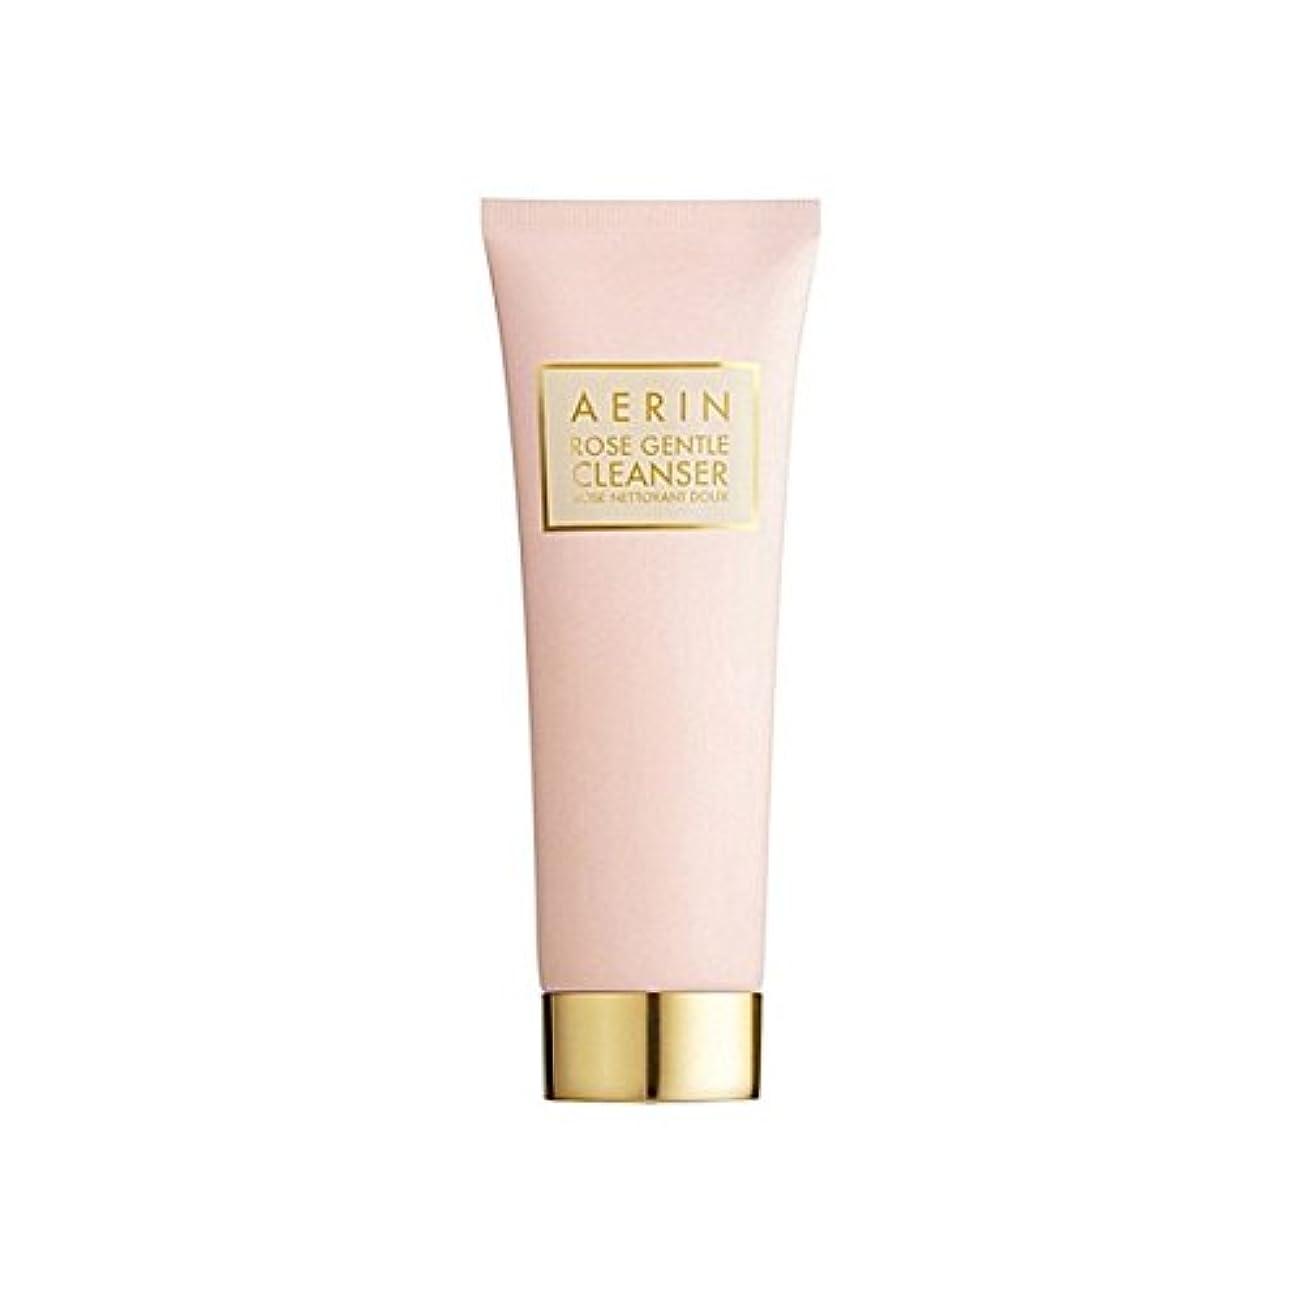 ペパーミント量で類推Aerin Rose Gentle Cleanser 125ml (Pack of 6) - はジェントルクレンザーの125ミリリットルをバラ x6 [並行輸入品]